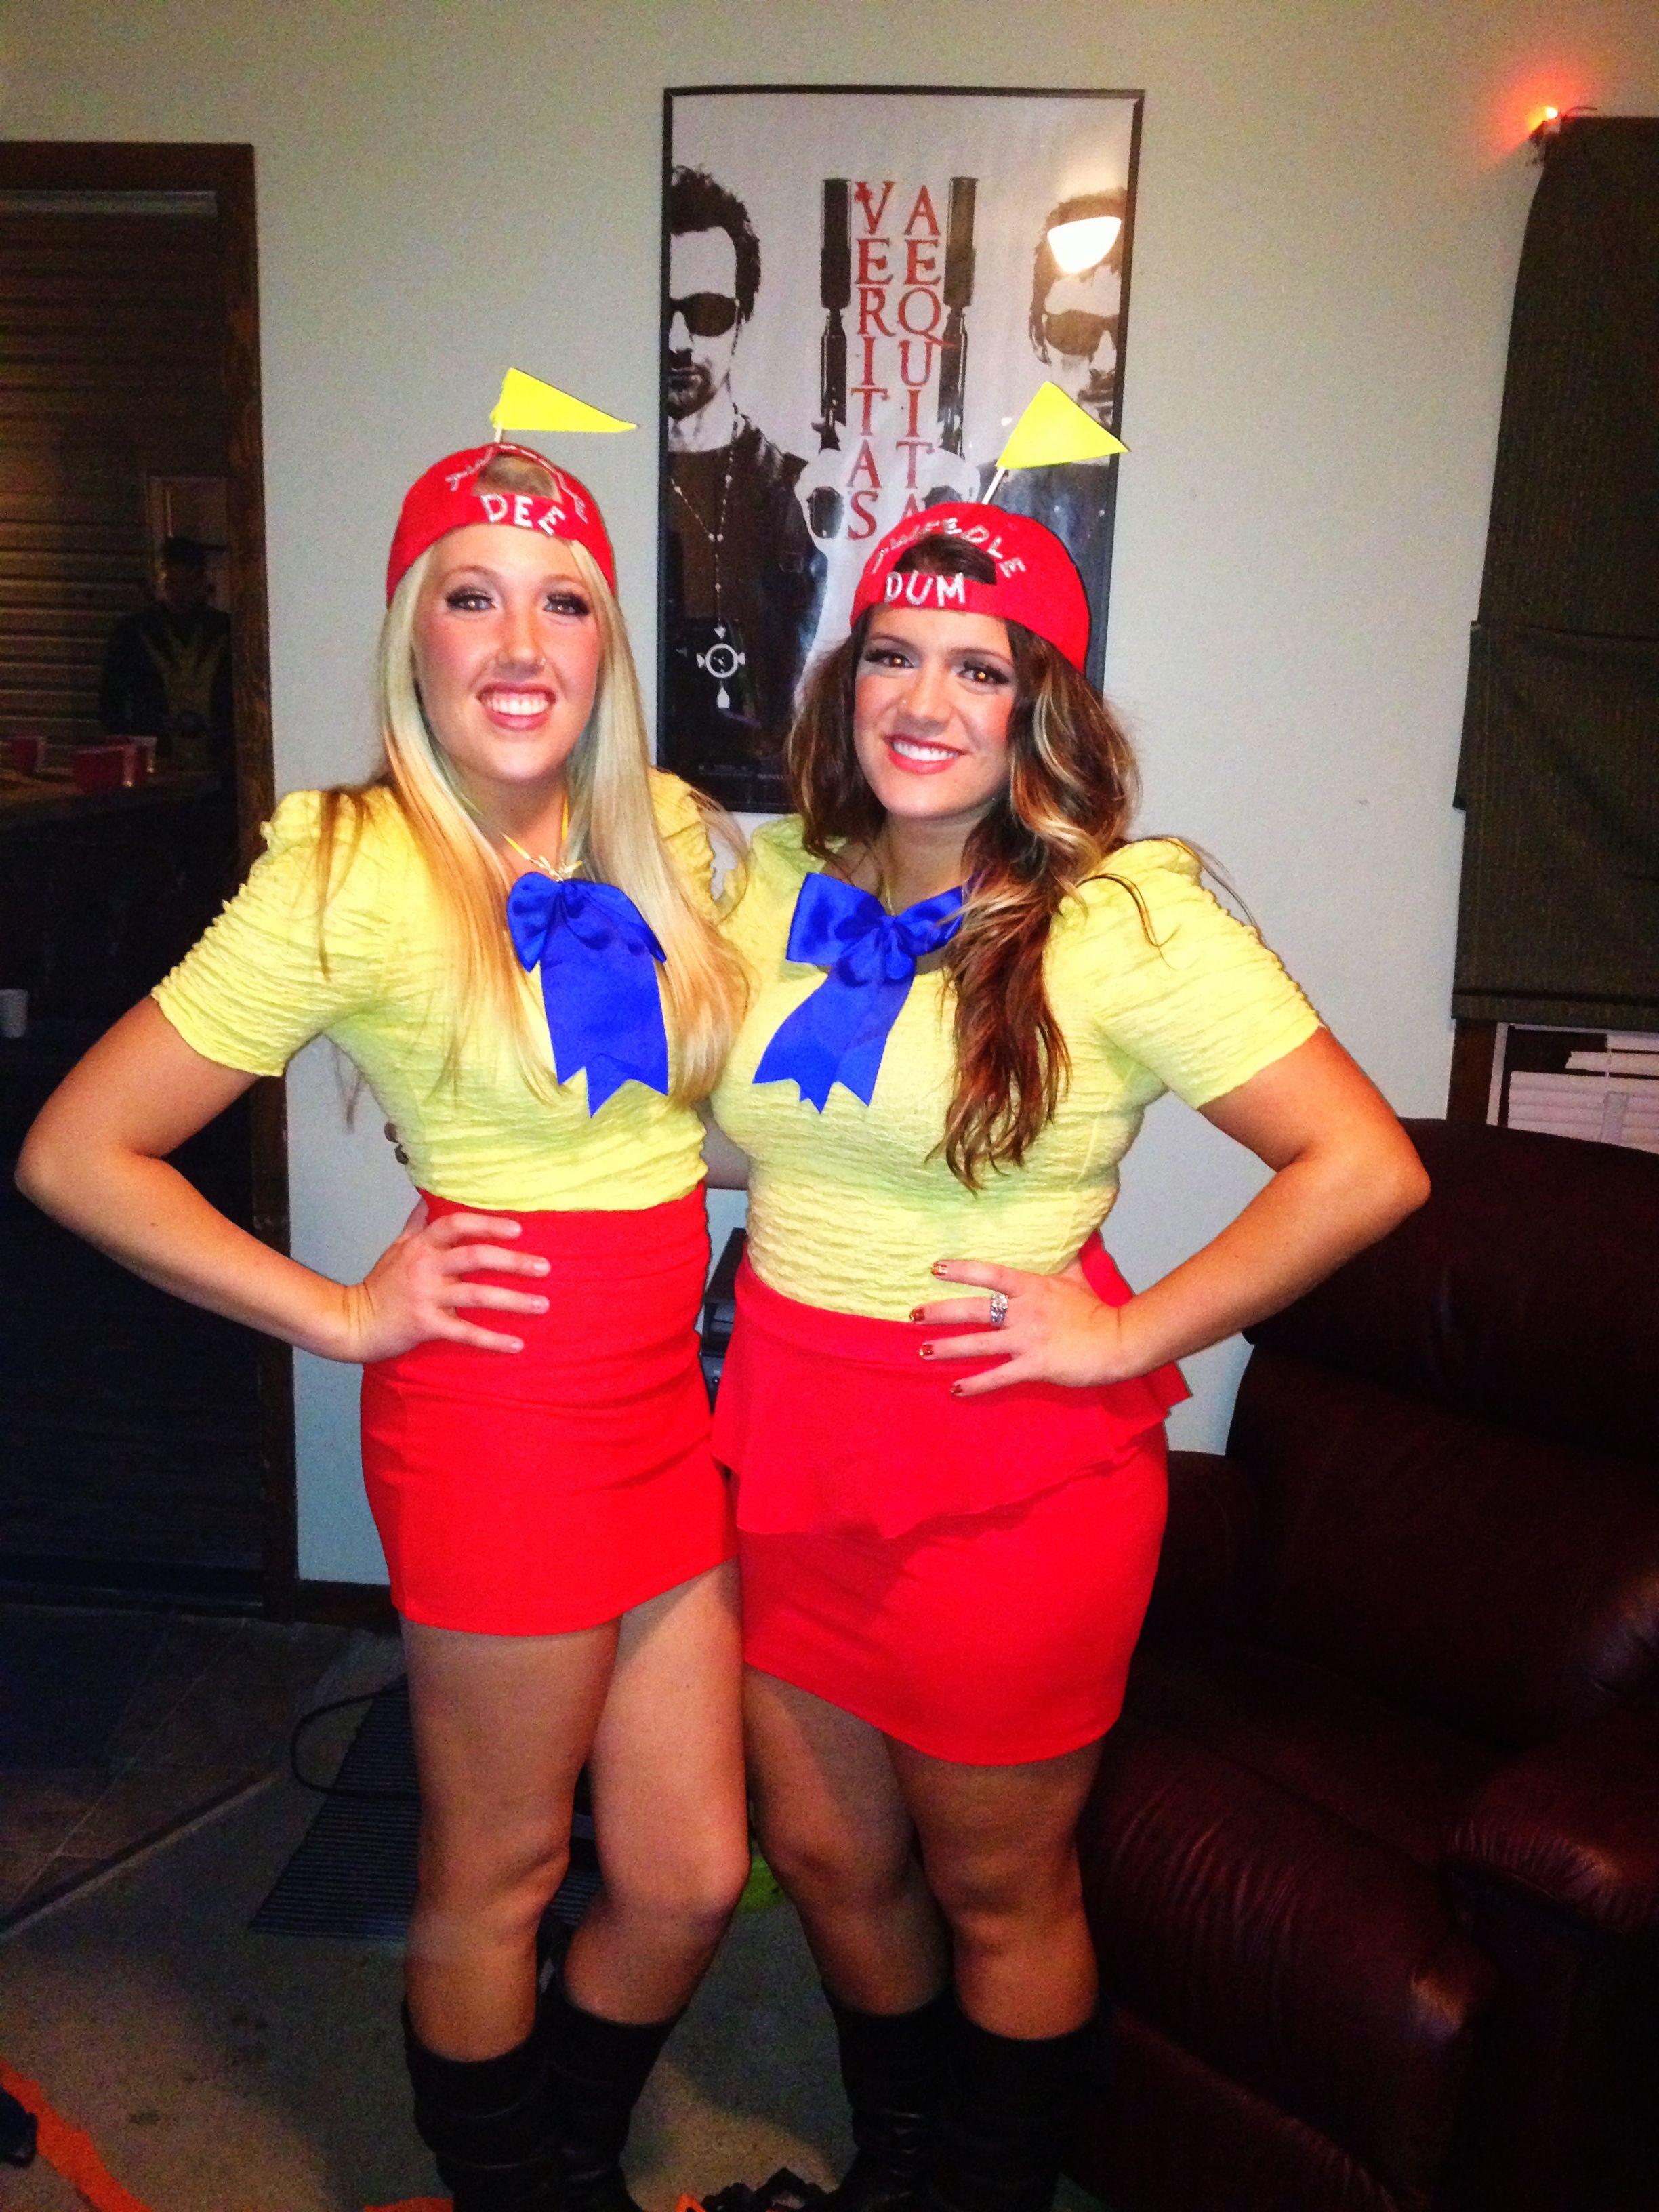 Duo Halloween Costume Ideas.Tweedle Dee And Tweedle Dum Random Duo Halloween